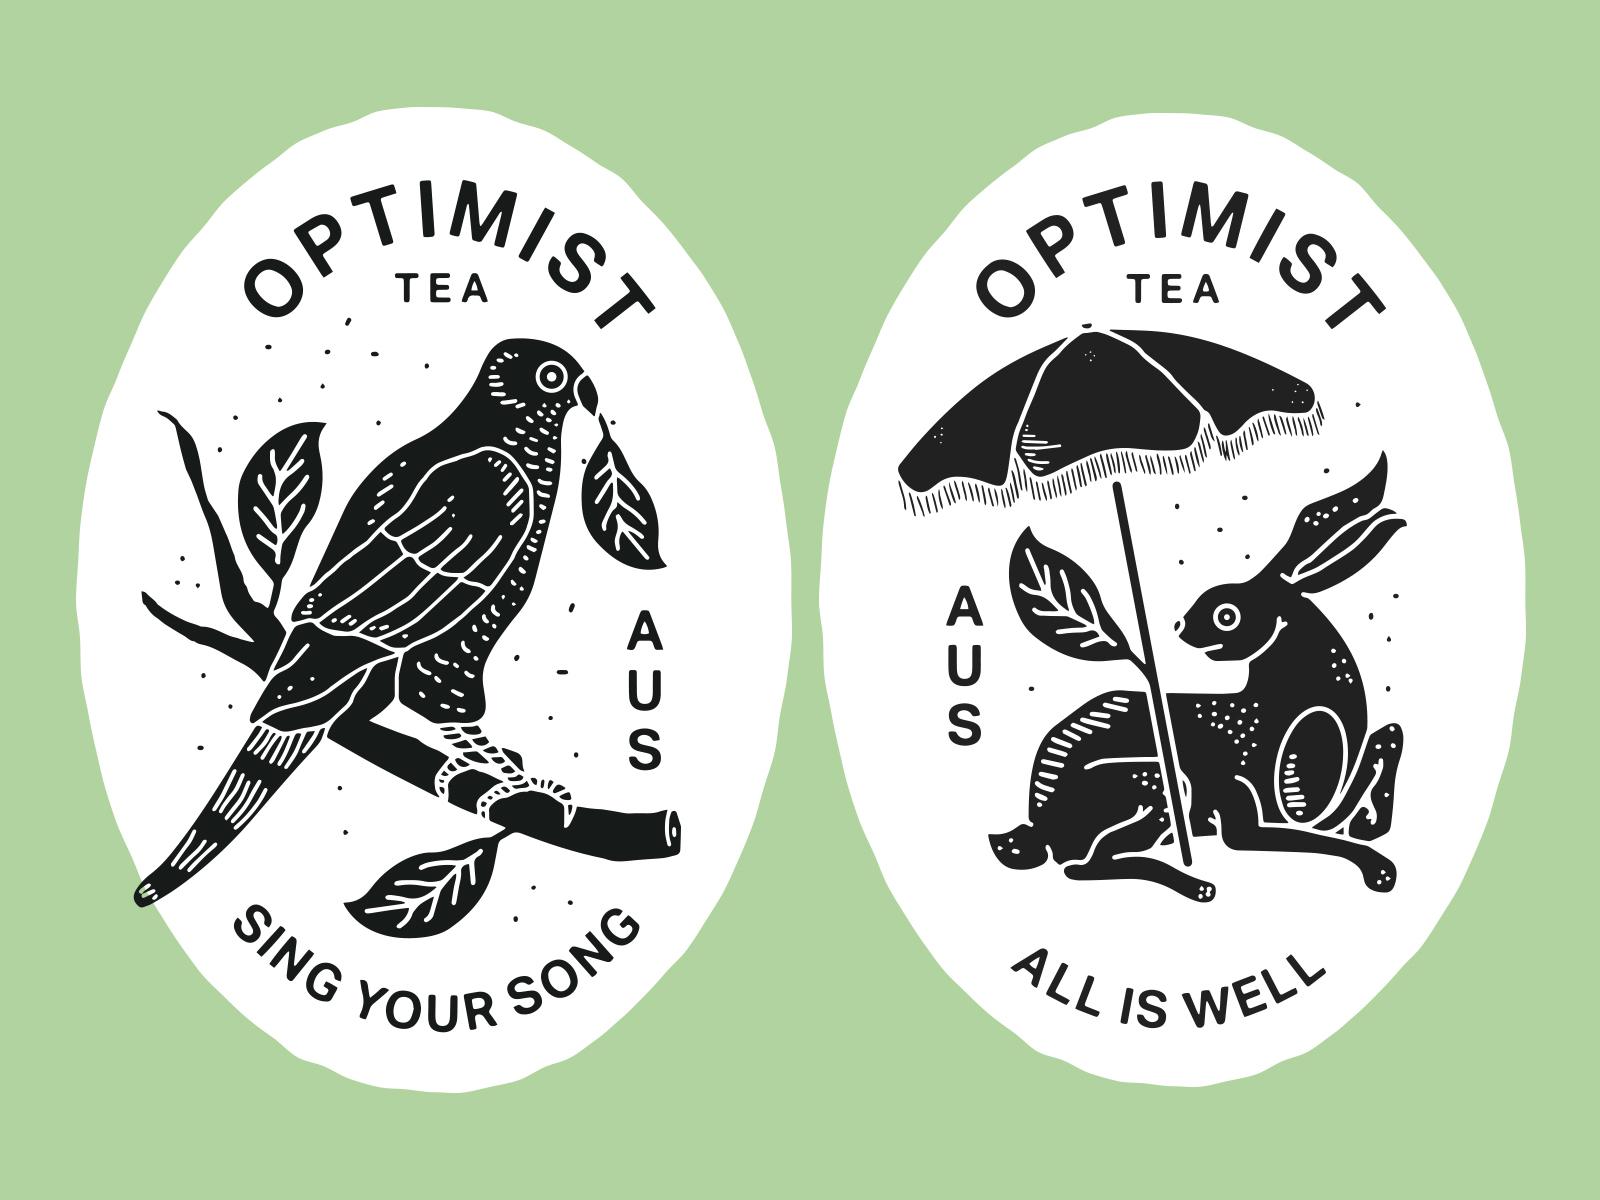 Optimist 1 1 1 1 4x